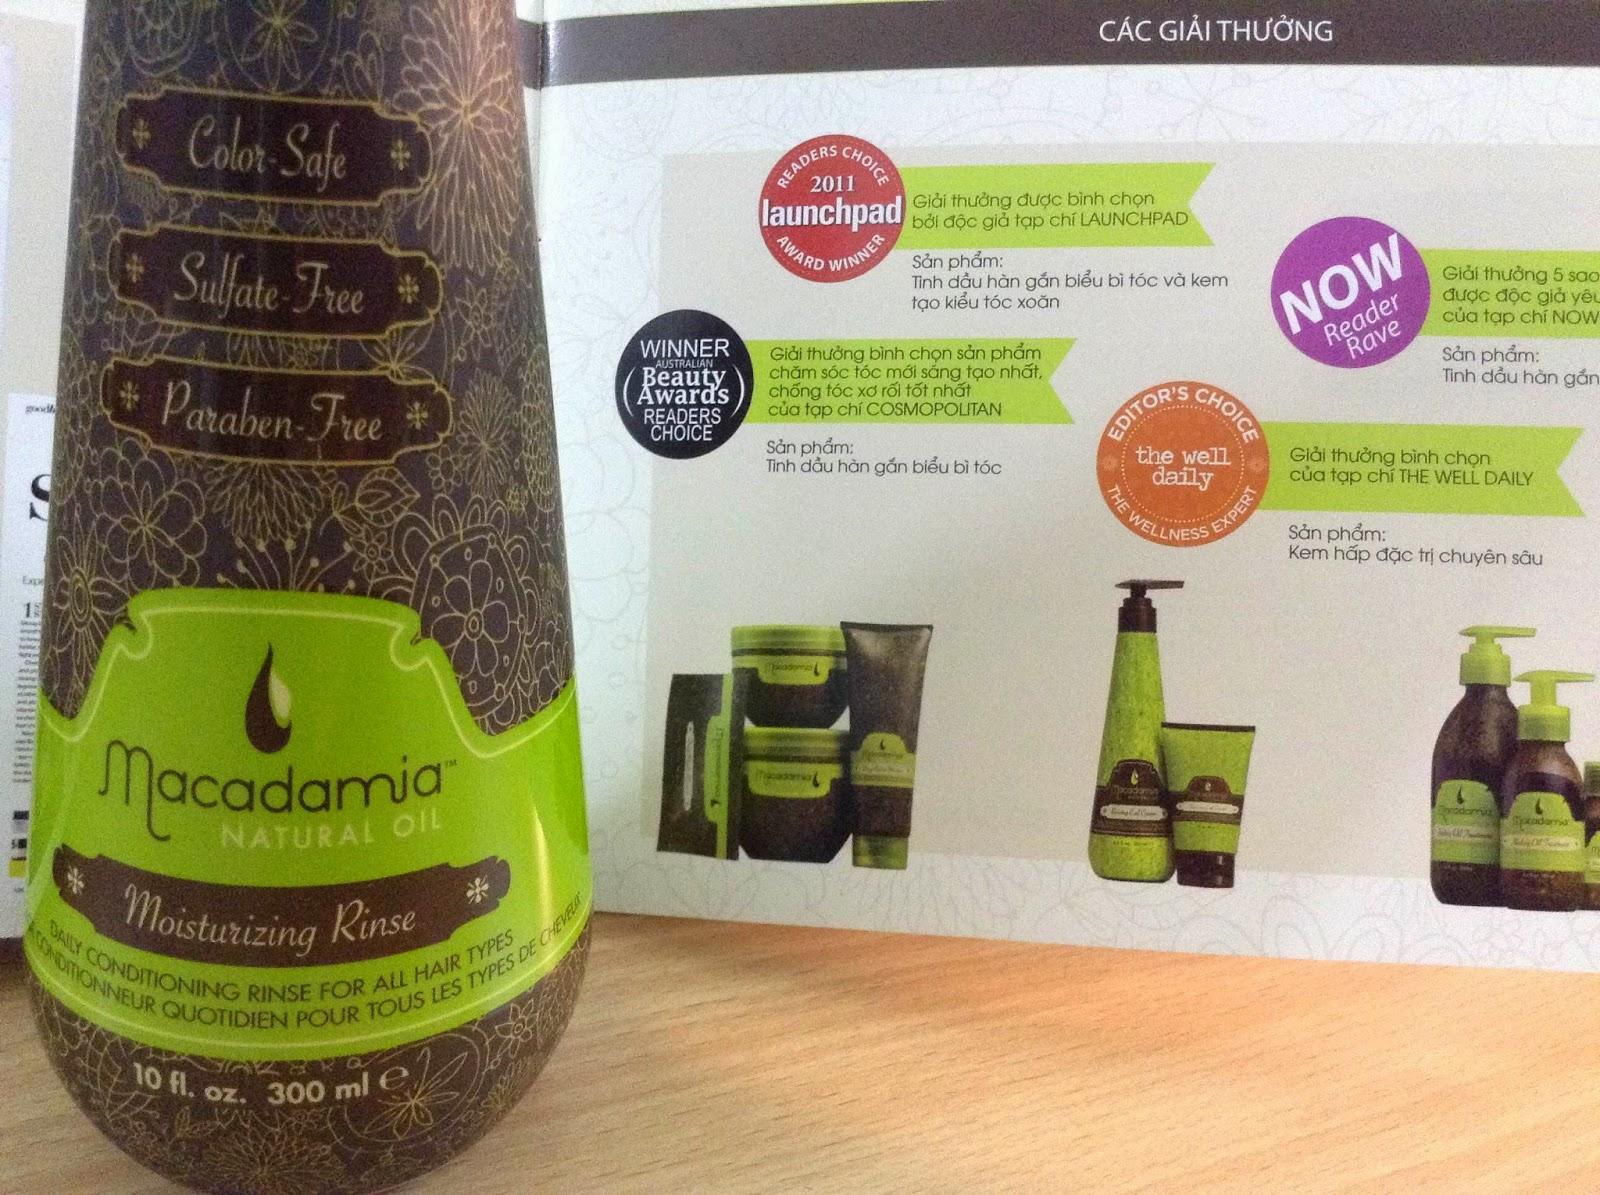 dầu xả macadamia, dầu xả maca, dầu xả dưỡng ẩm, chăm sóc tóc, phục hồi tóc, tóc đẹp